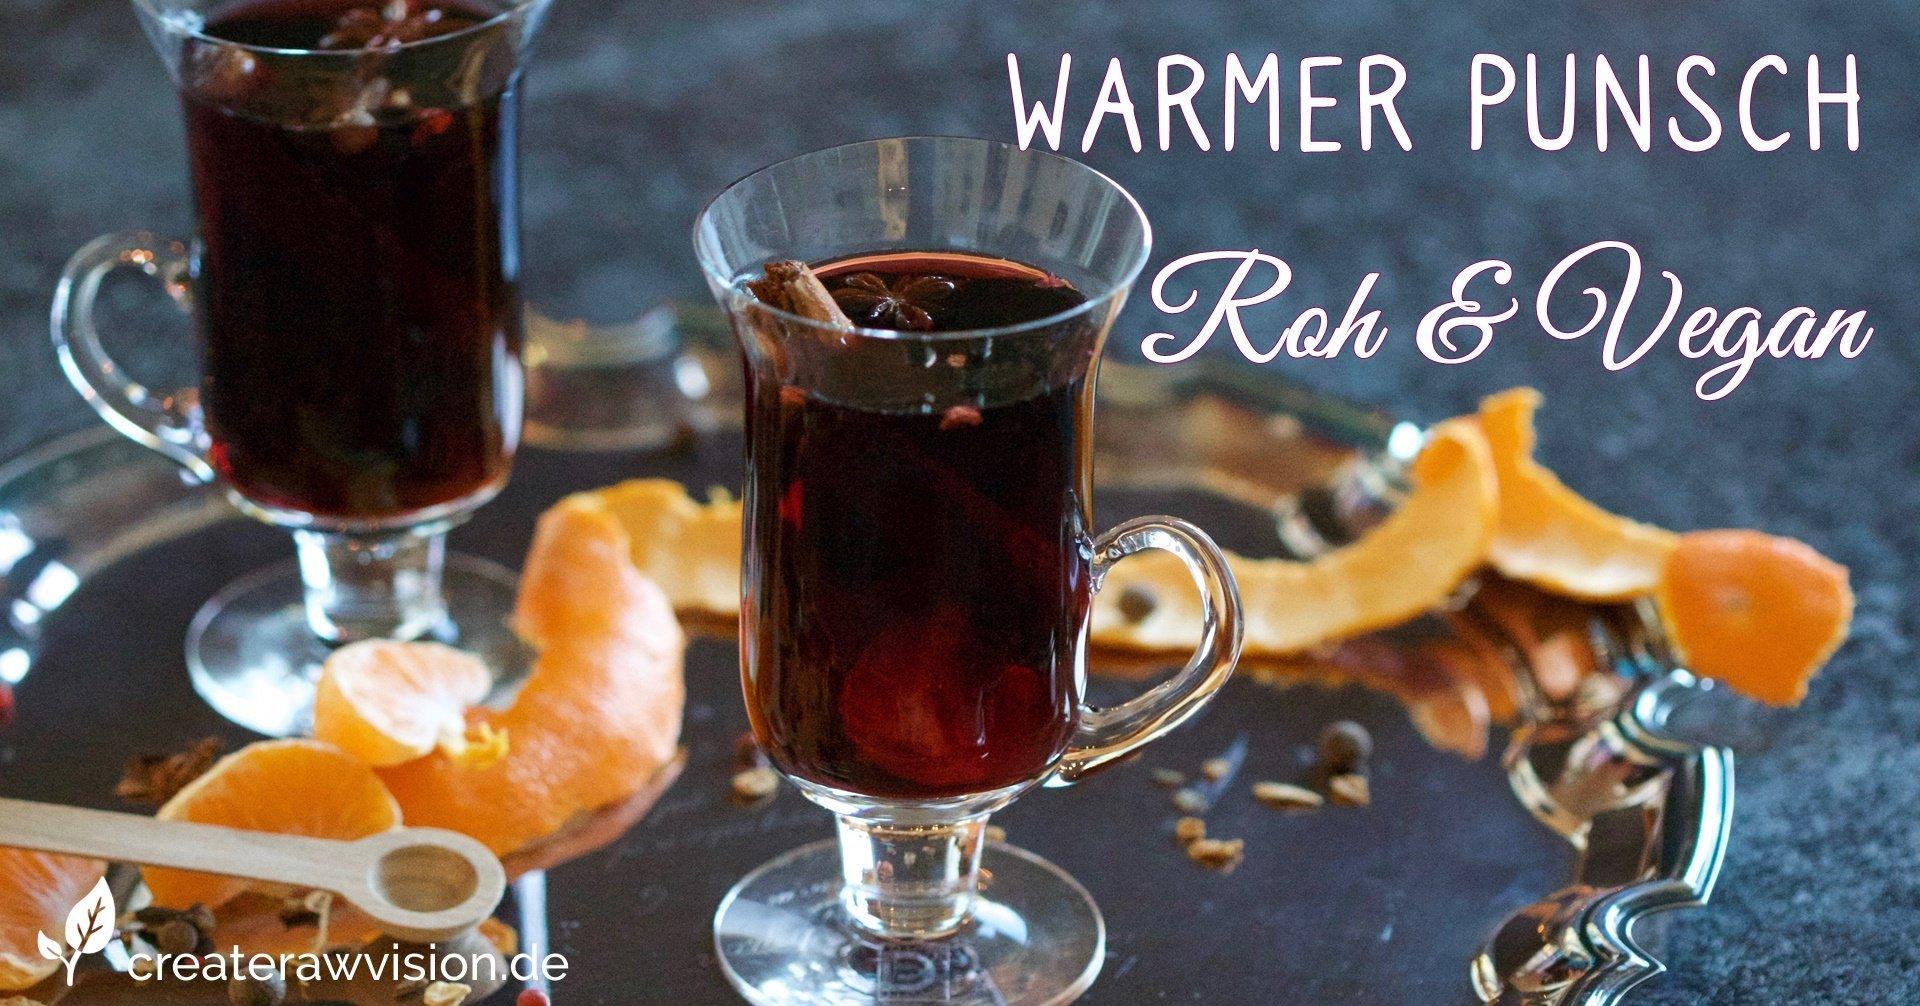 Warmer Punsch Roh & Vegan